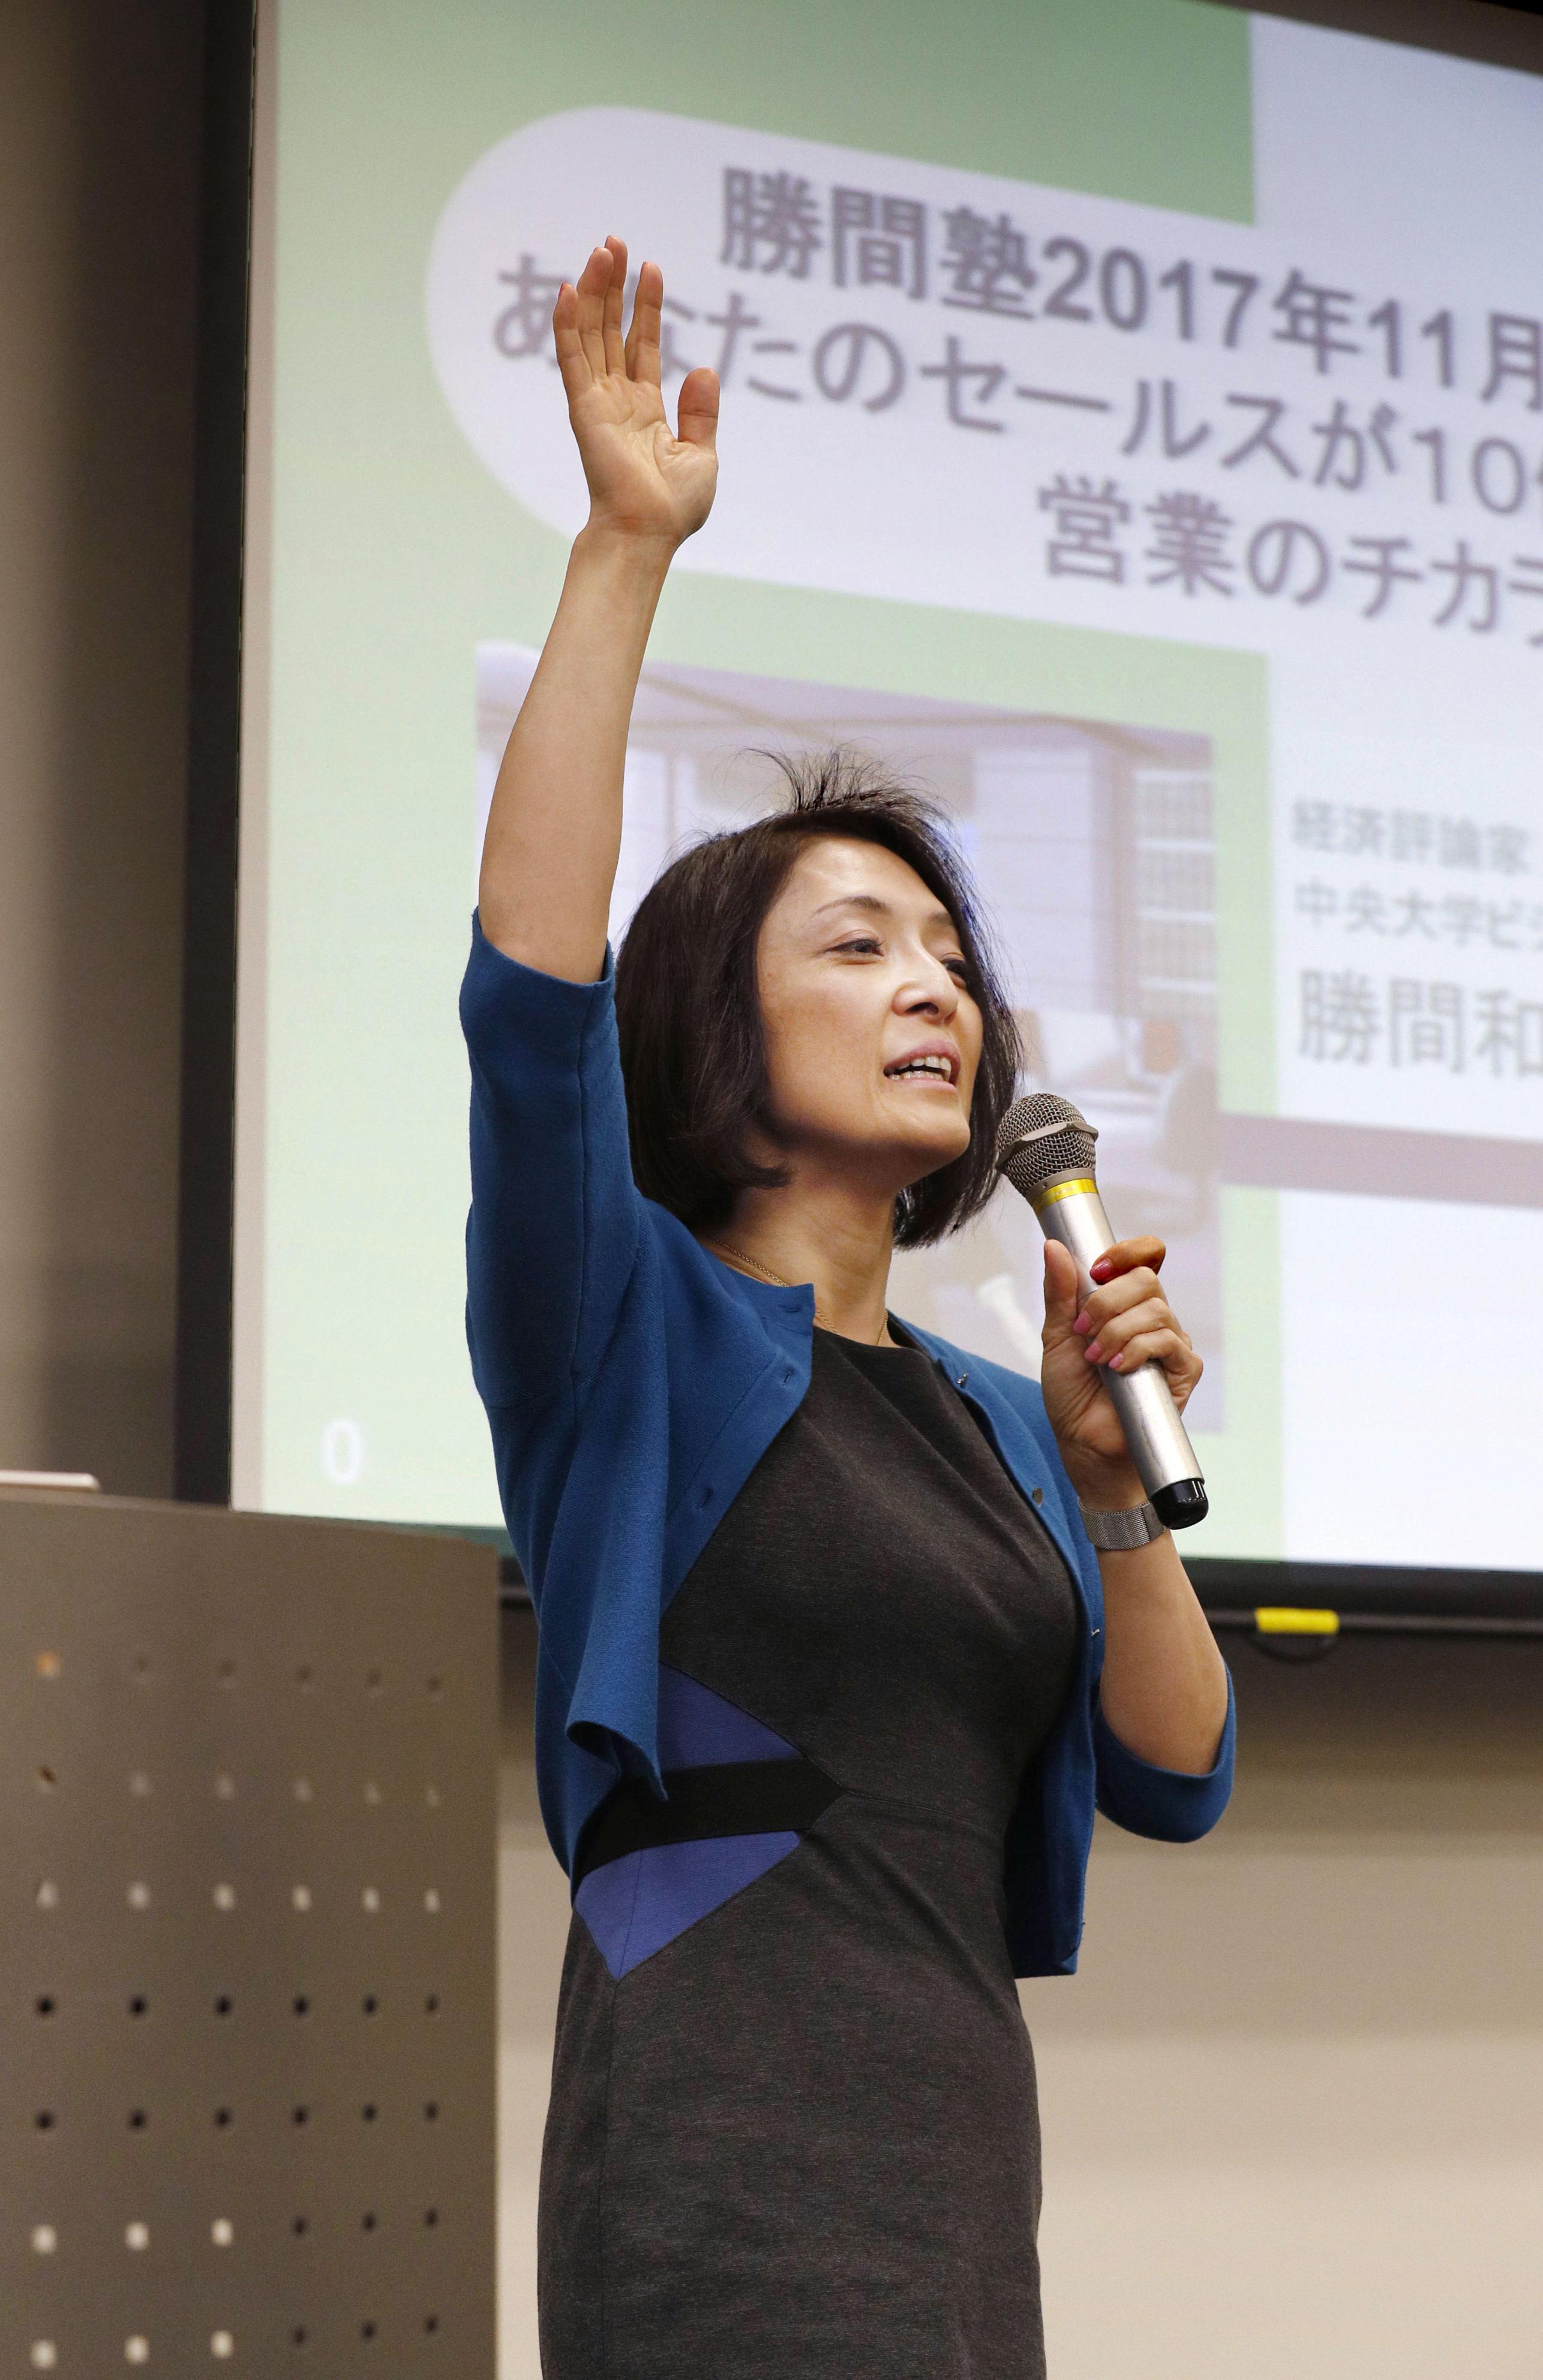 「勝間塾」の月例会で塾生に語りかける勝間和代=2017年11月、東京都港区